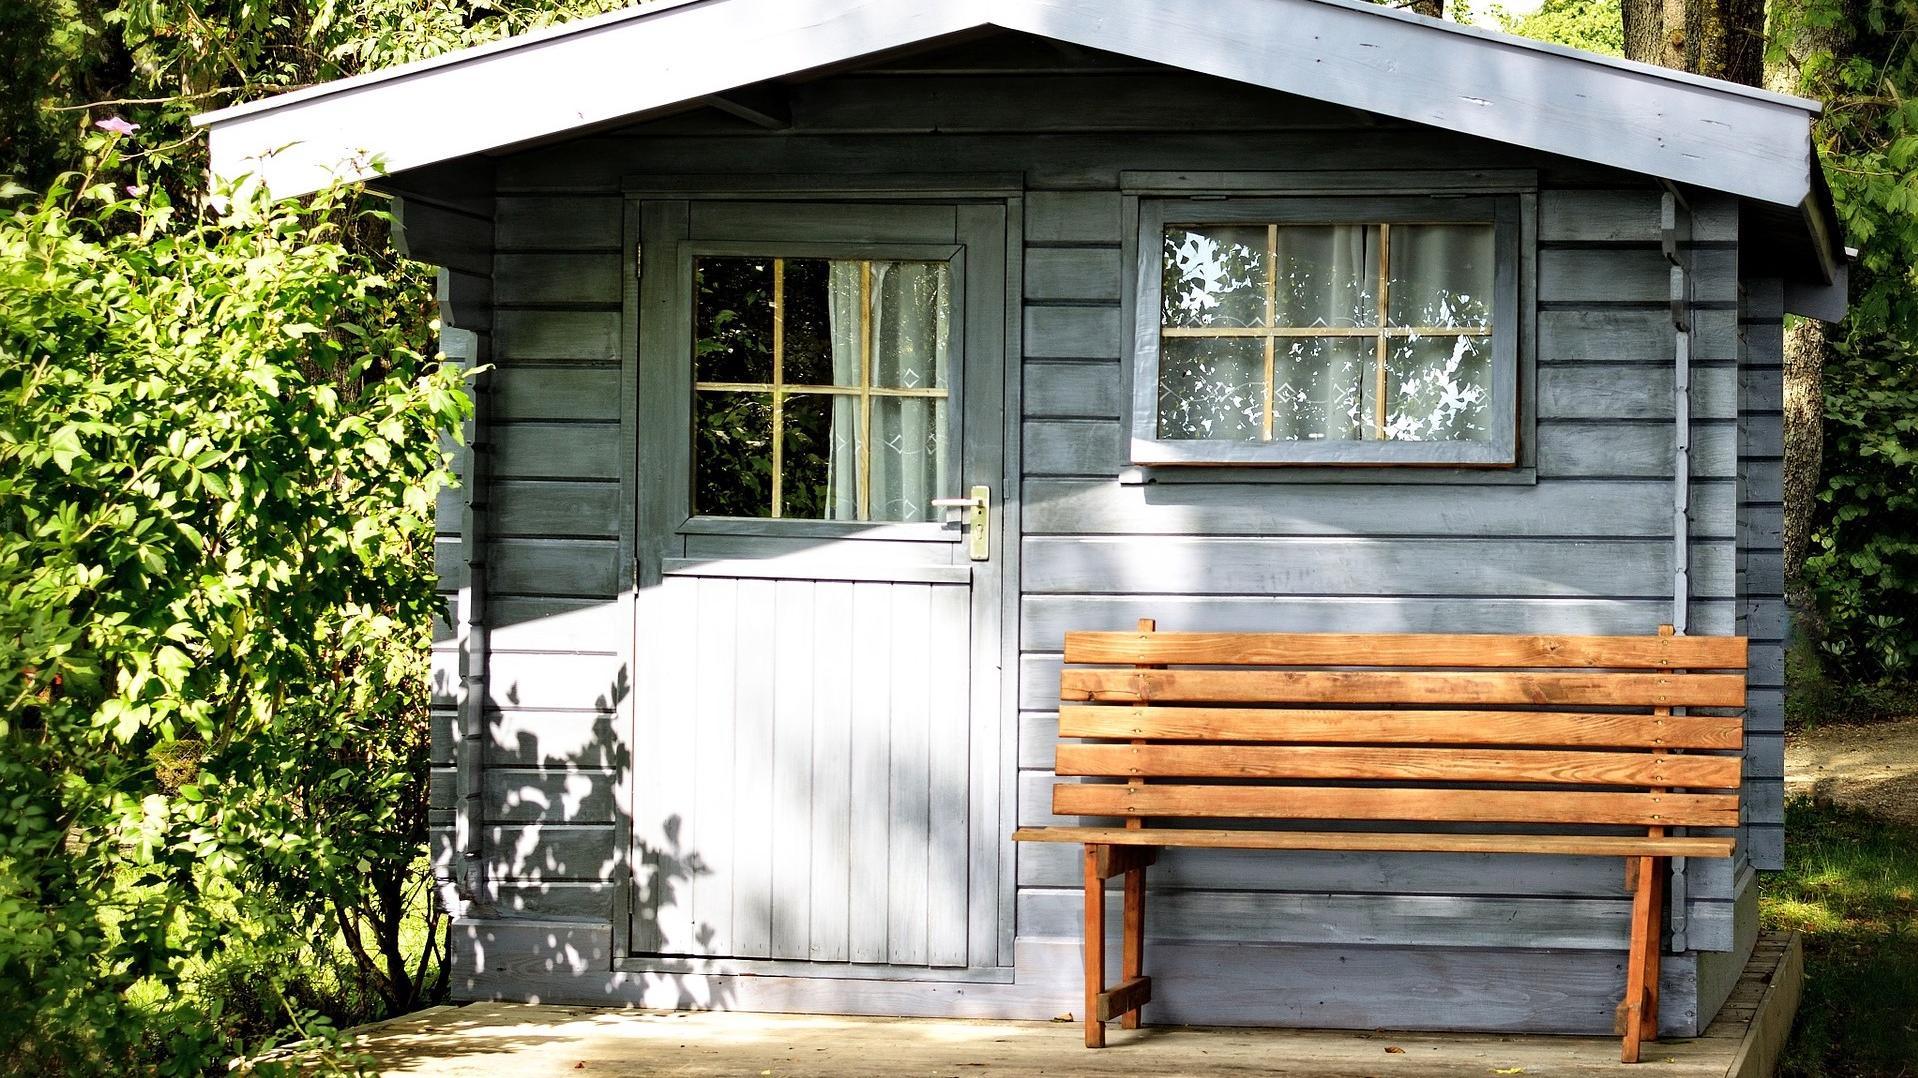 Gartenhaus einrichten: Tipps, Ideen und Inspirationen